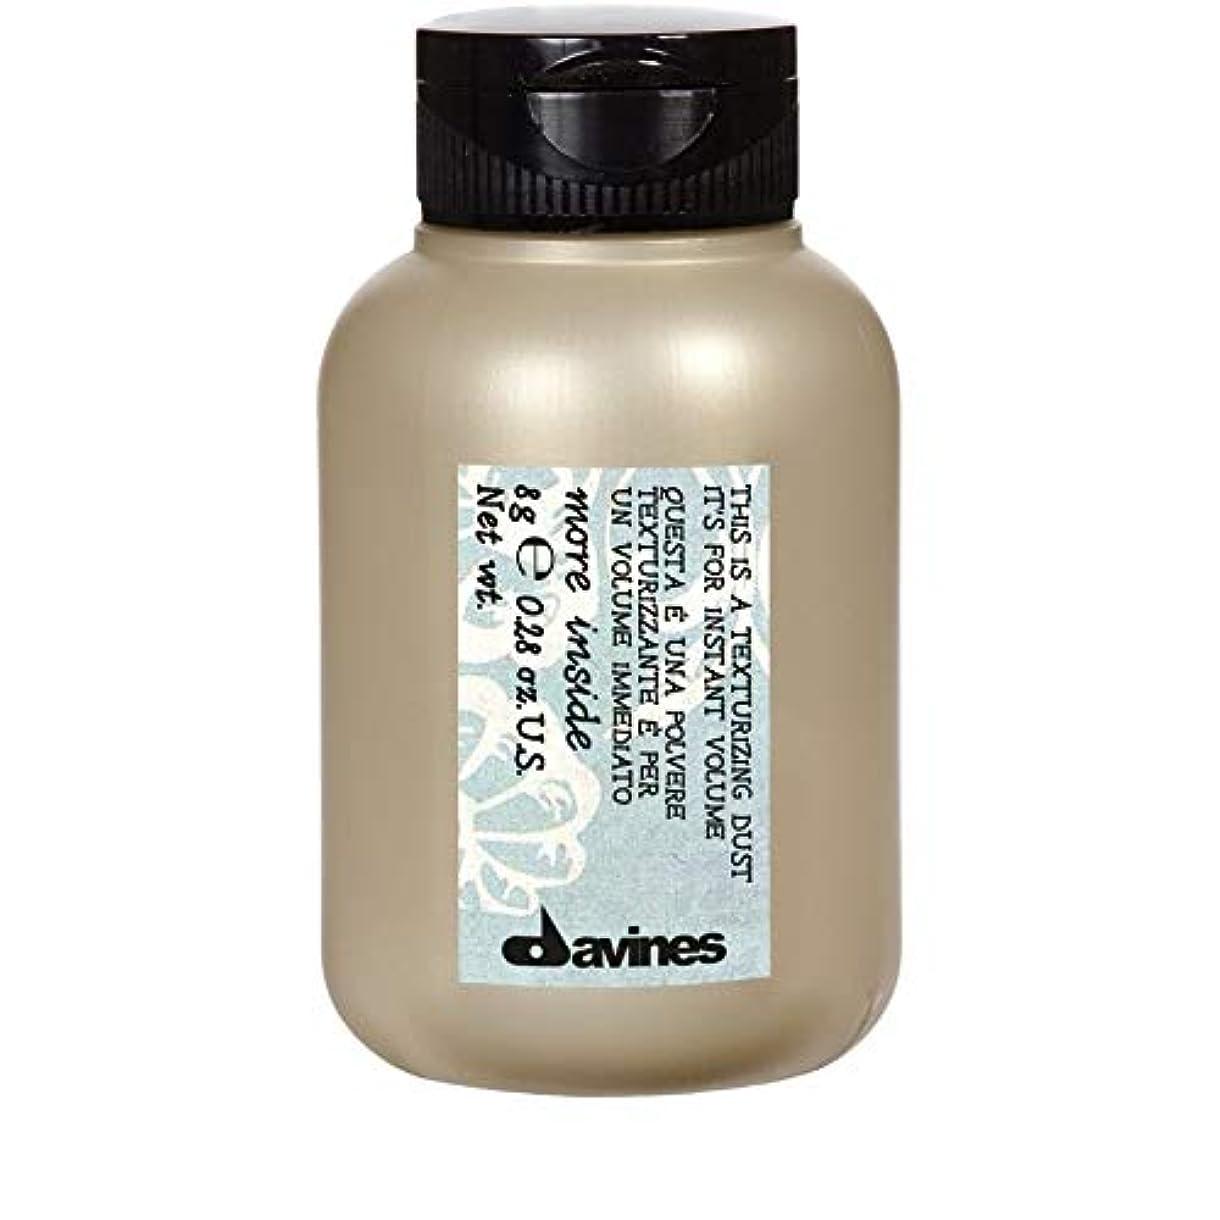 モルヒネパッケージ示す[Davines ] ダヴィネステクスチャーダスト8ミリリットル - Davines Texturising Dust 8ml [並行輸入品]